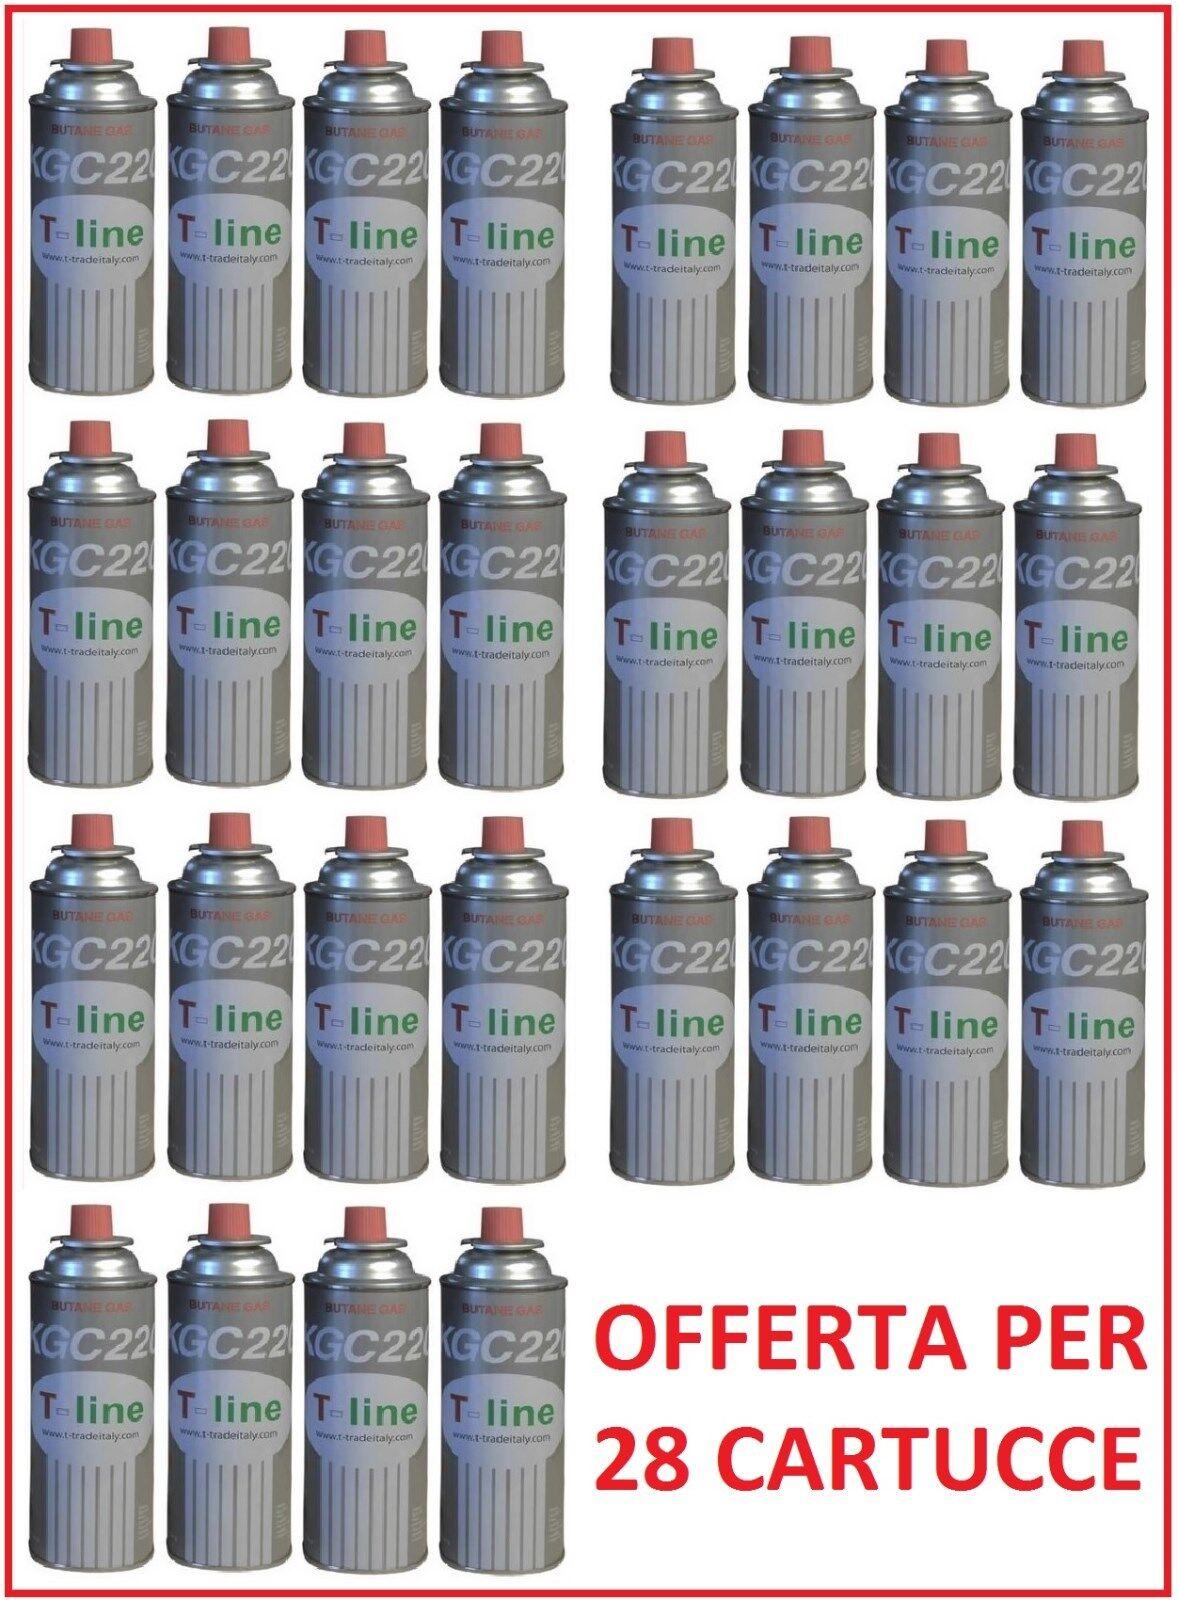 BOMBOLETTA CARTUCCIA CARTUCCE GAS GAS GAS DA 250 GR  PER FORNELLO BISTRO -- 28 PEZZI -- 081cf1